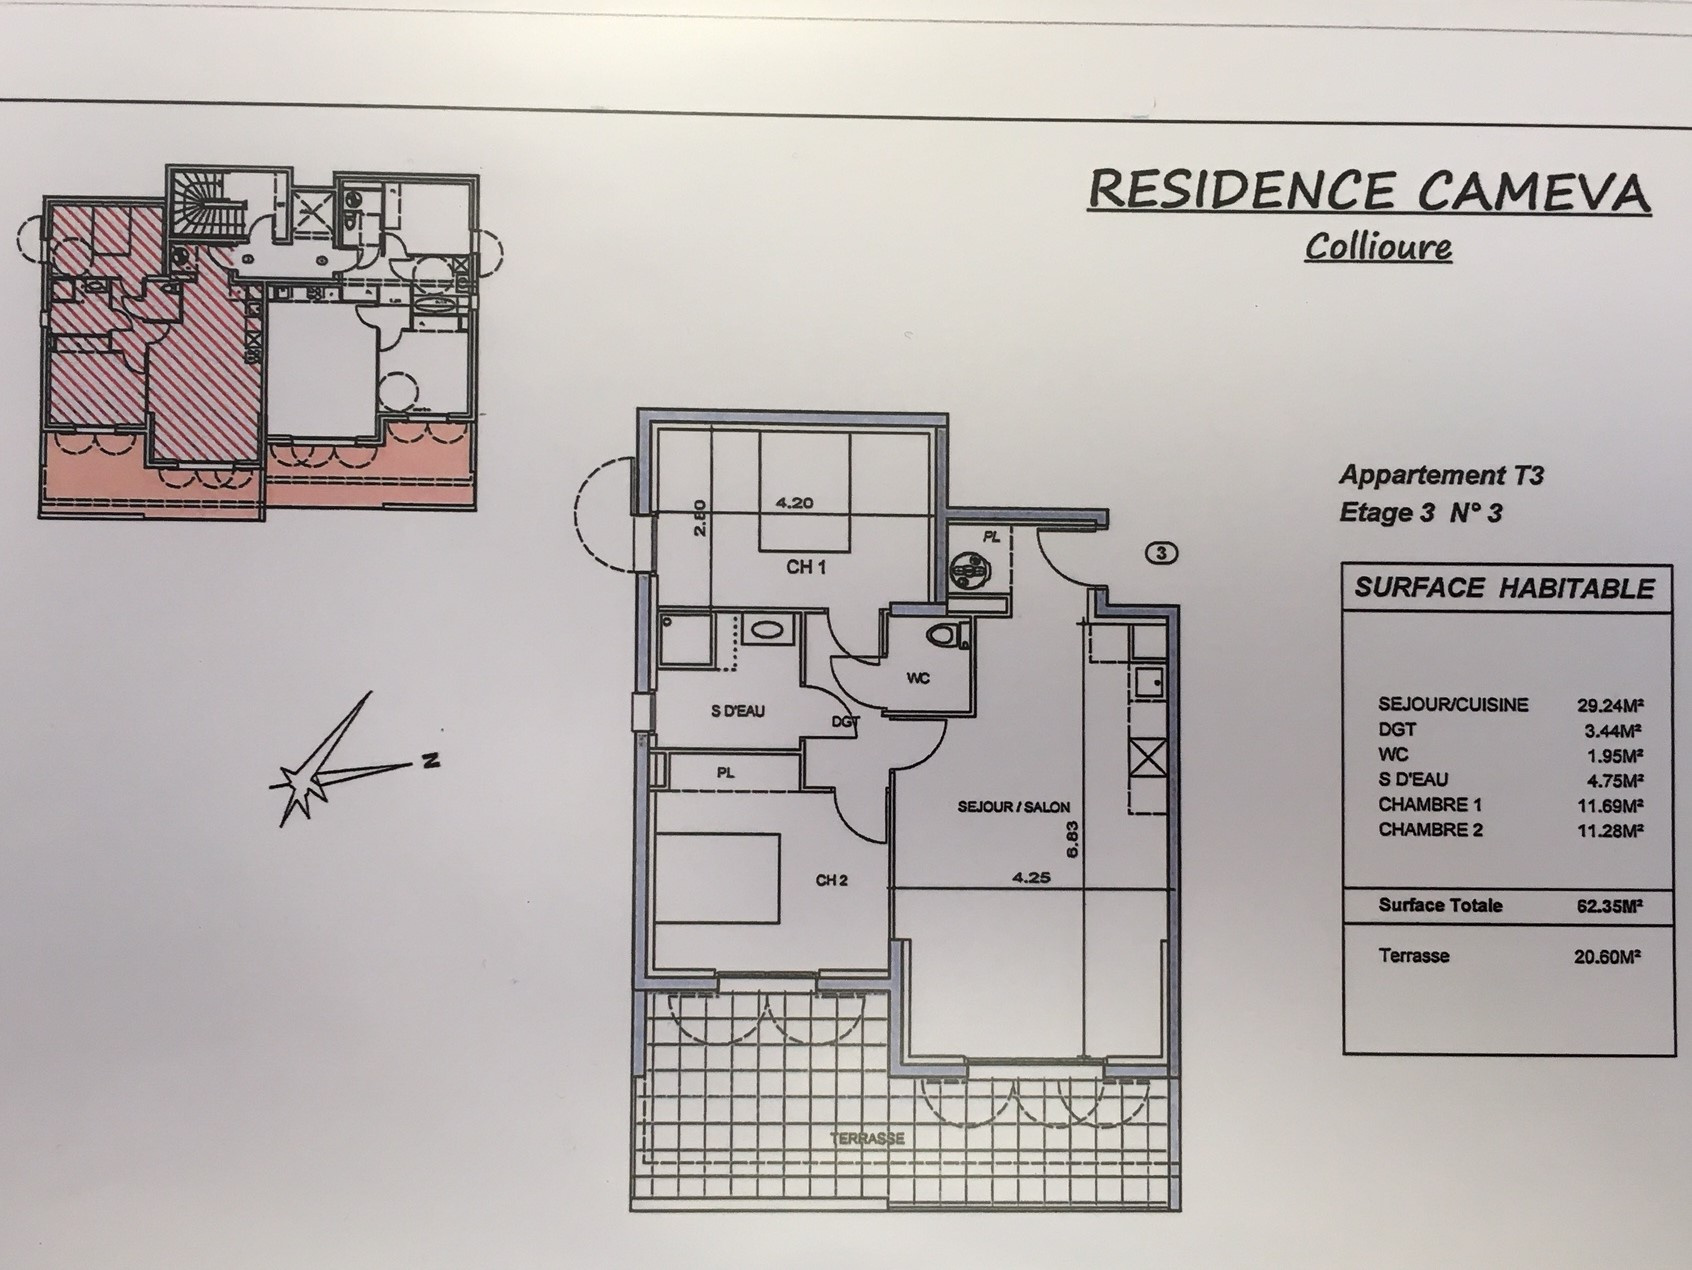 À vendre appartement de 58.93m2 à collioure (66190) - Photo 2'